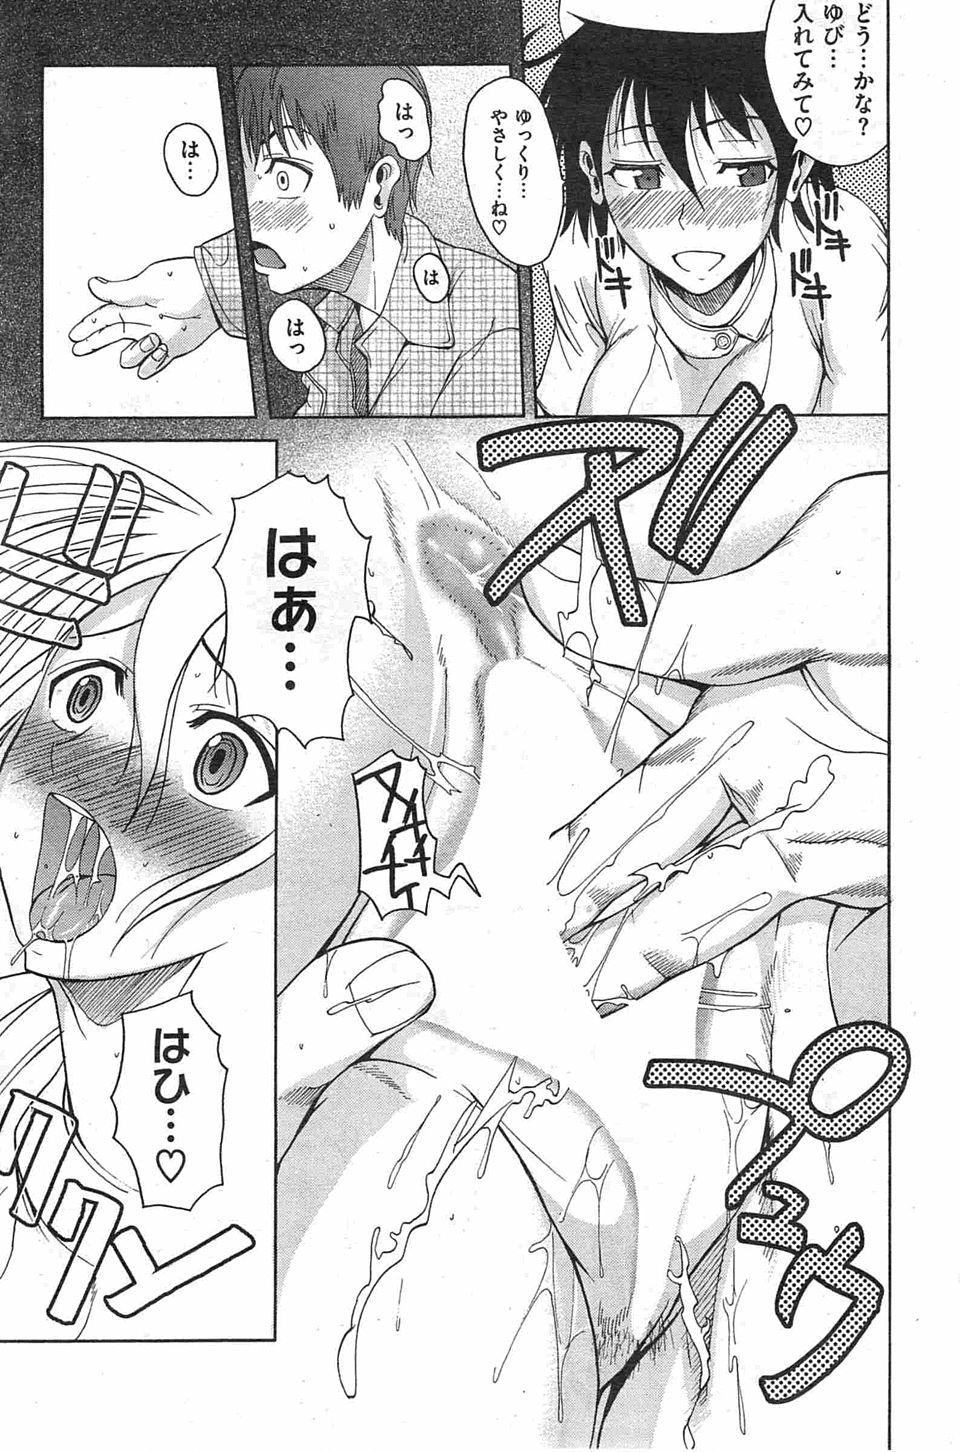 【エロ漫画・エロ同人】巨乳ナースが夜中に患者のお爺ちゃんにまたがってオナニーしてるwww (11)